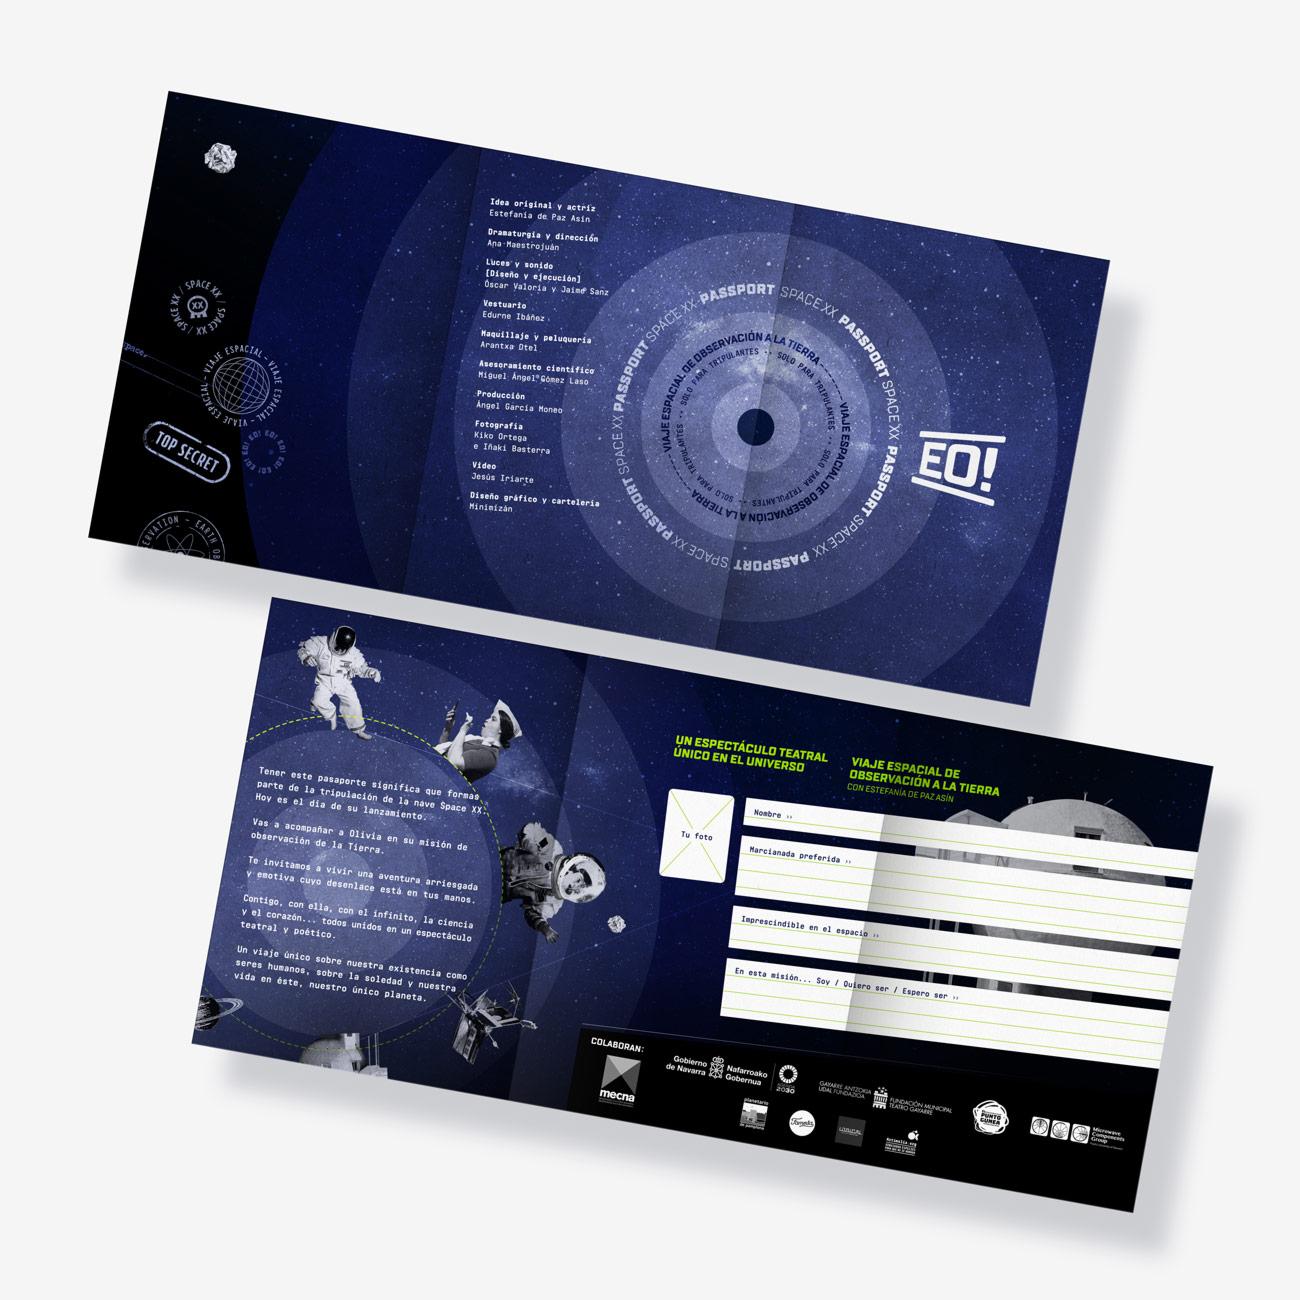 Imagen gráfica y aplicaciones para obra de teatro EO! presentación de flyer